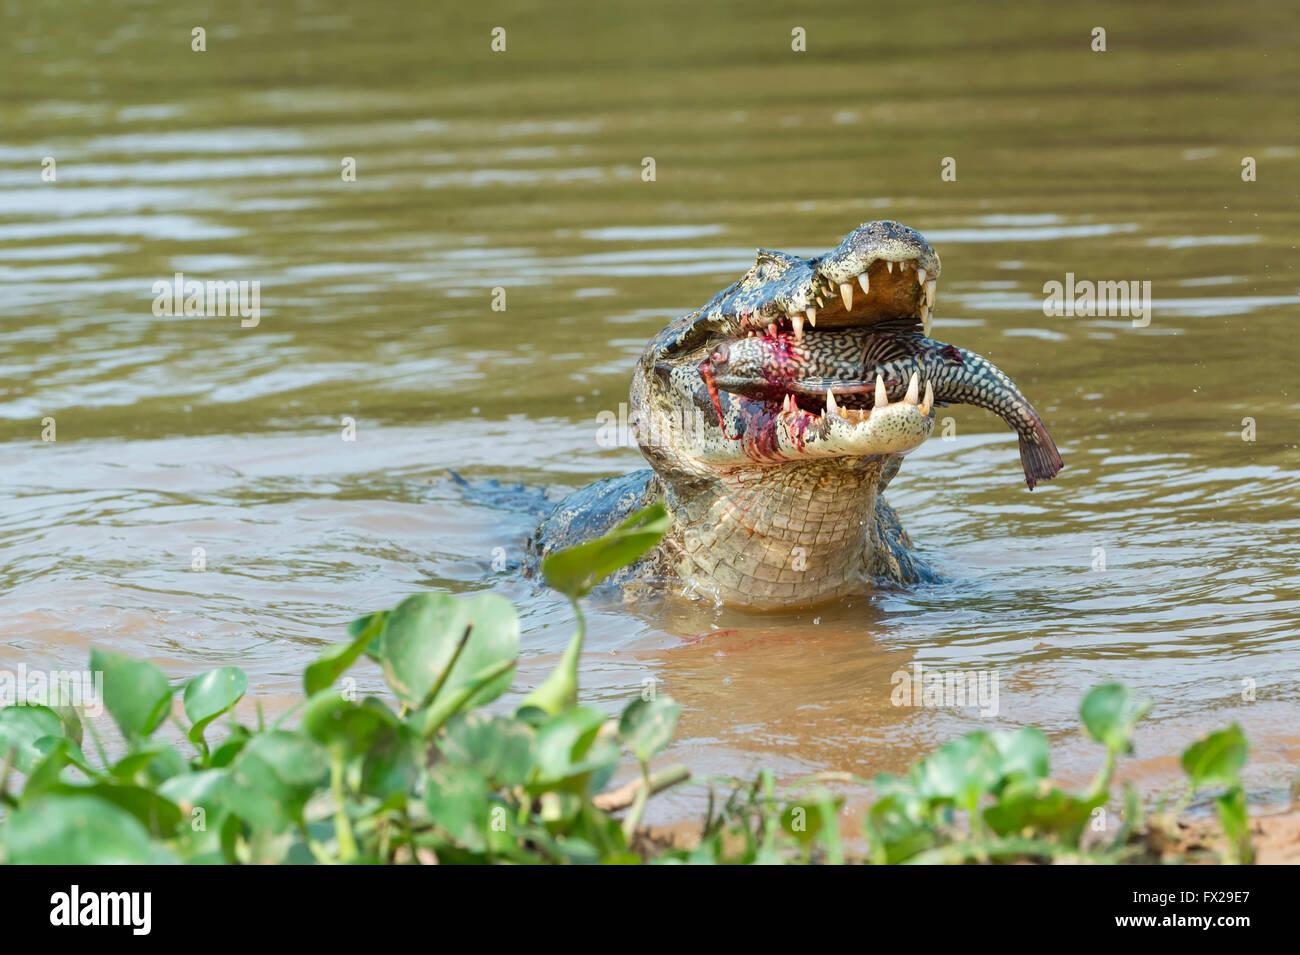 Yacare (Caiman yacare) devorando a un pez, el río Cuiabá, el Pantanal, Brasil Imagen De Stock